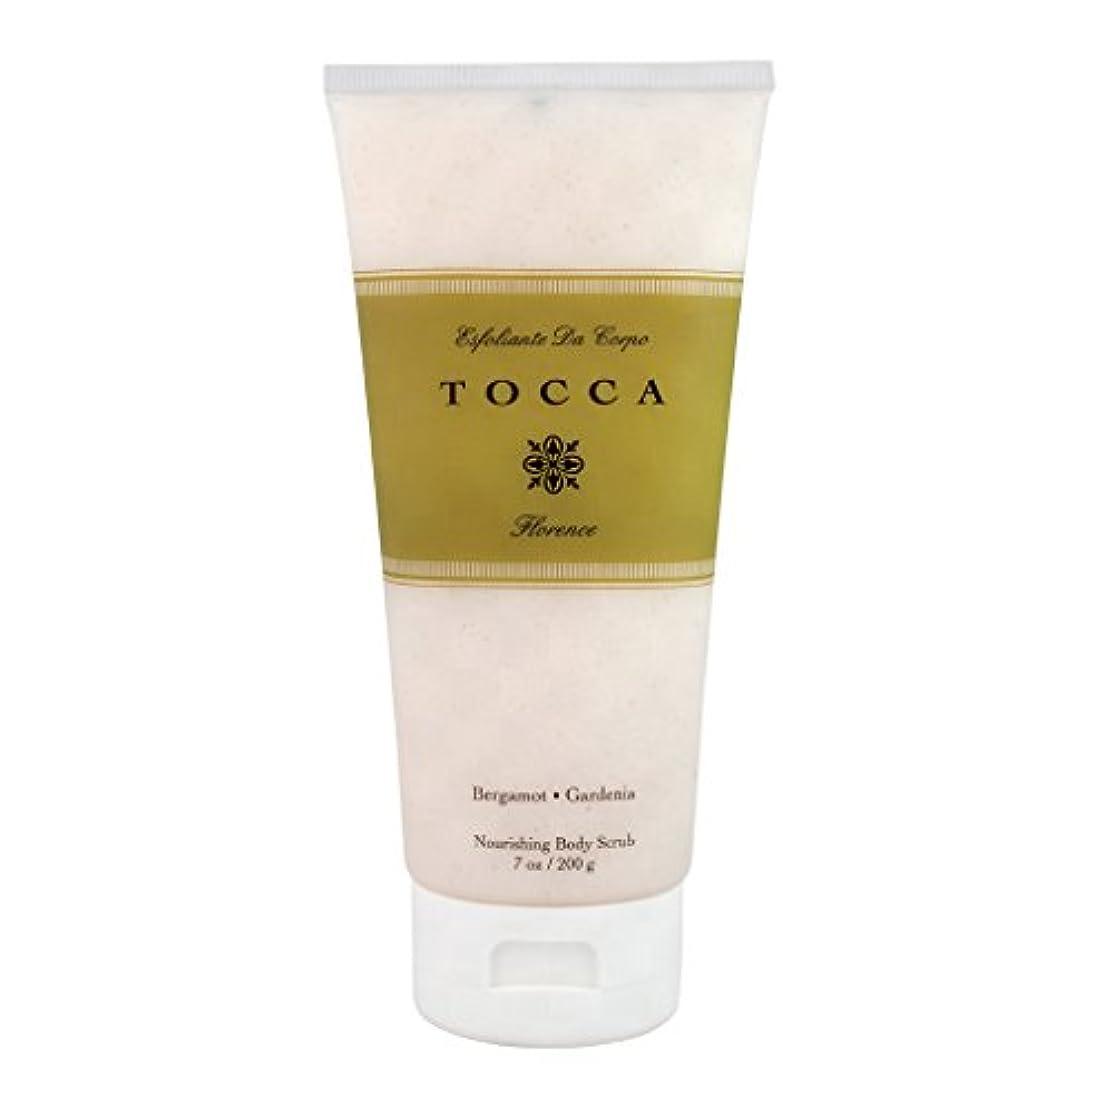 分類三角維持トッカ(TOCCA) ボディーケアスクラブ フローレンスの香り 200ml(全身?ボディー用マッサージ料 ガーデニアとベルガモットが誘うように溶け合うどこまでも上品なフローラルの香り)